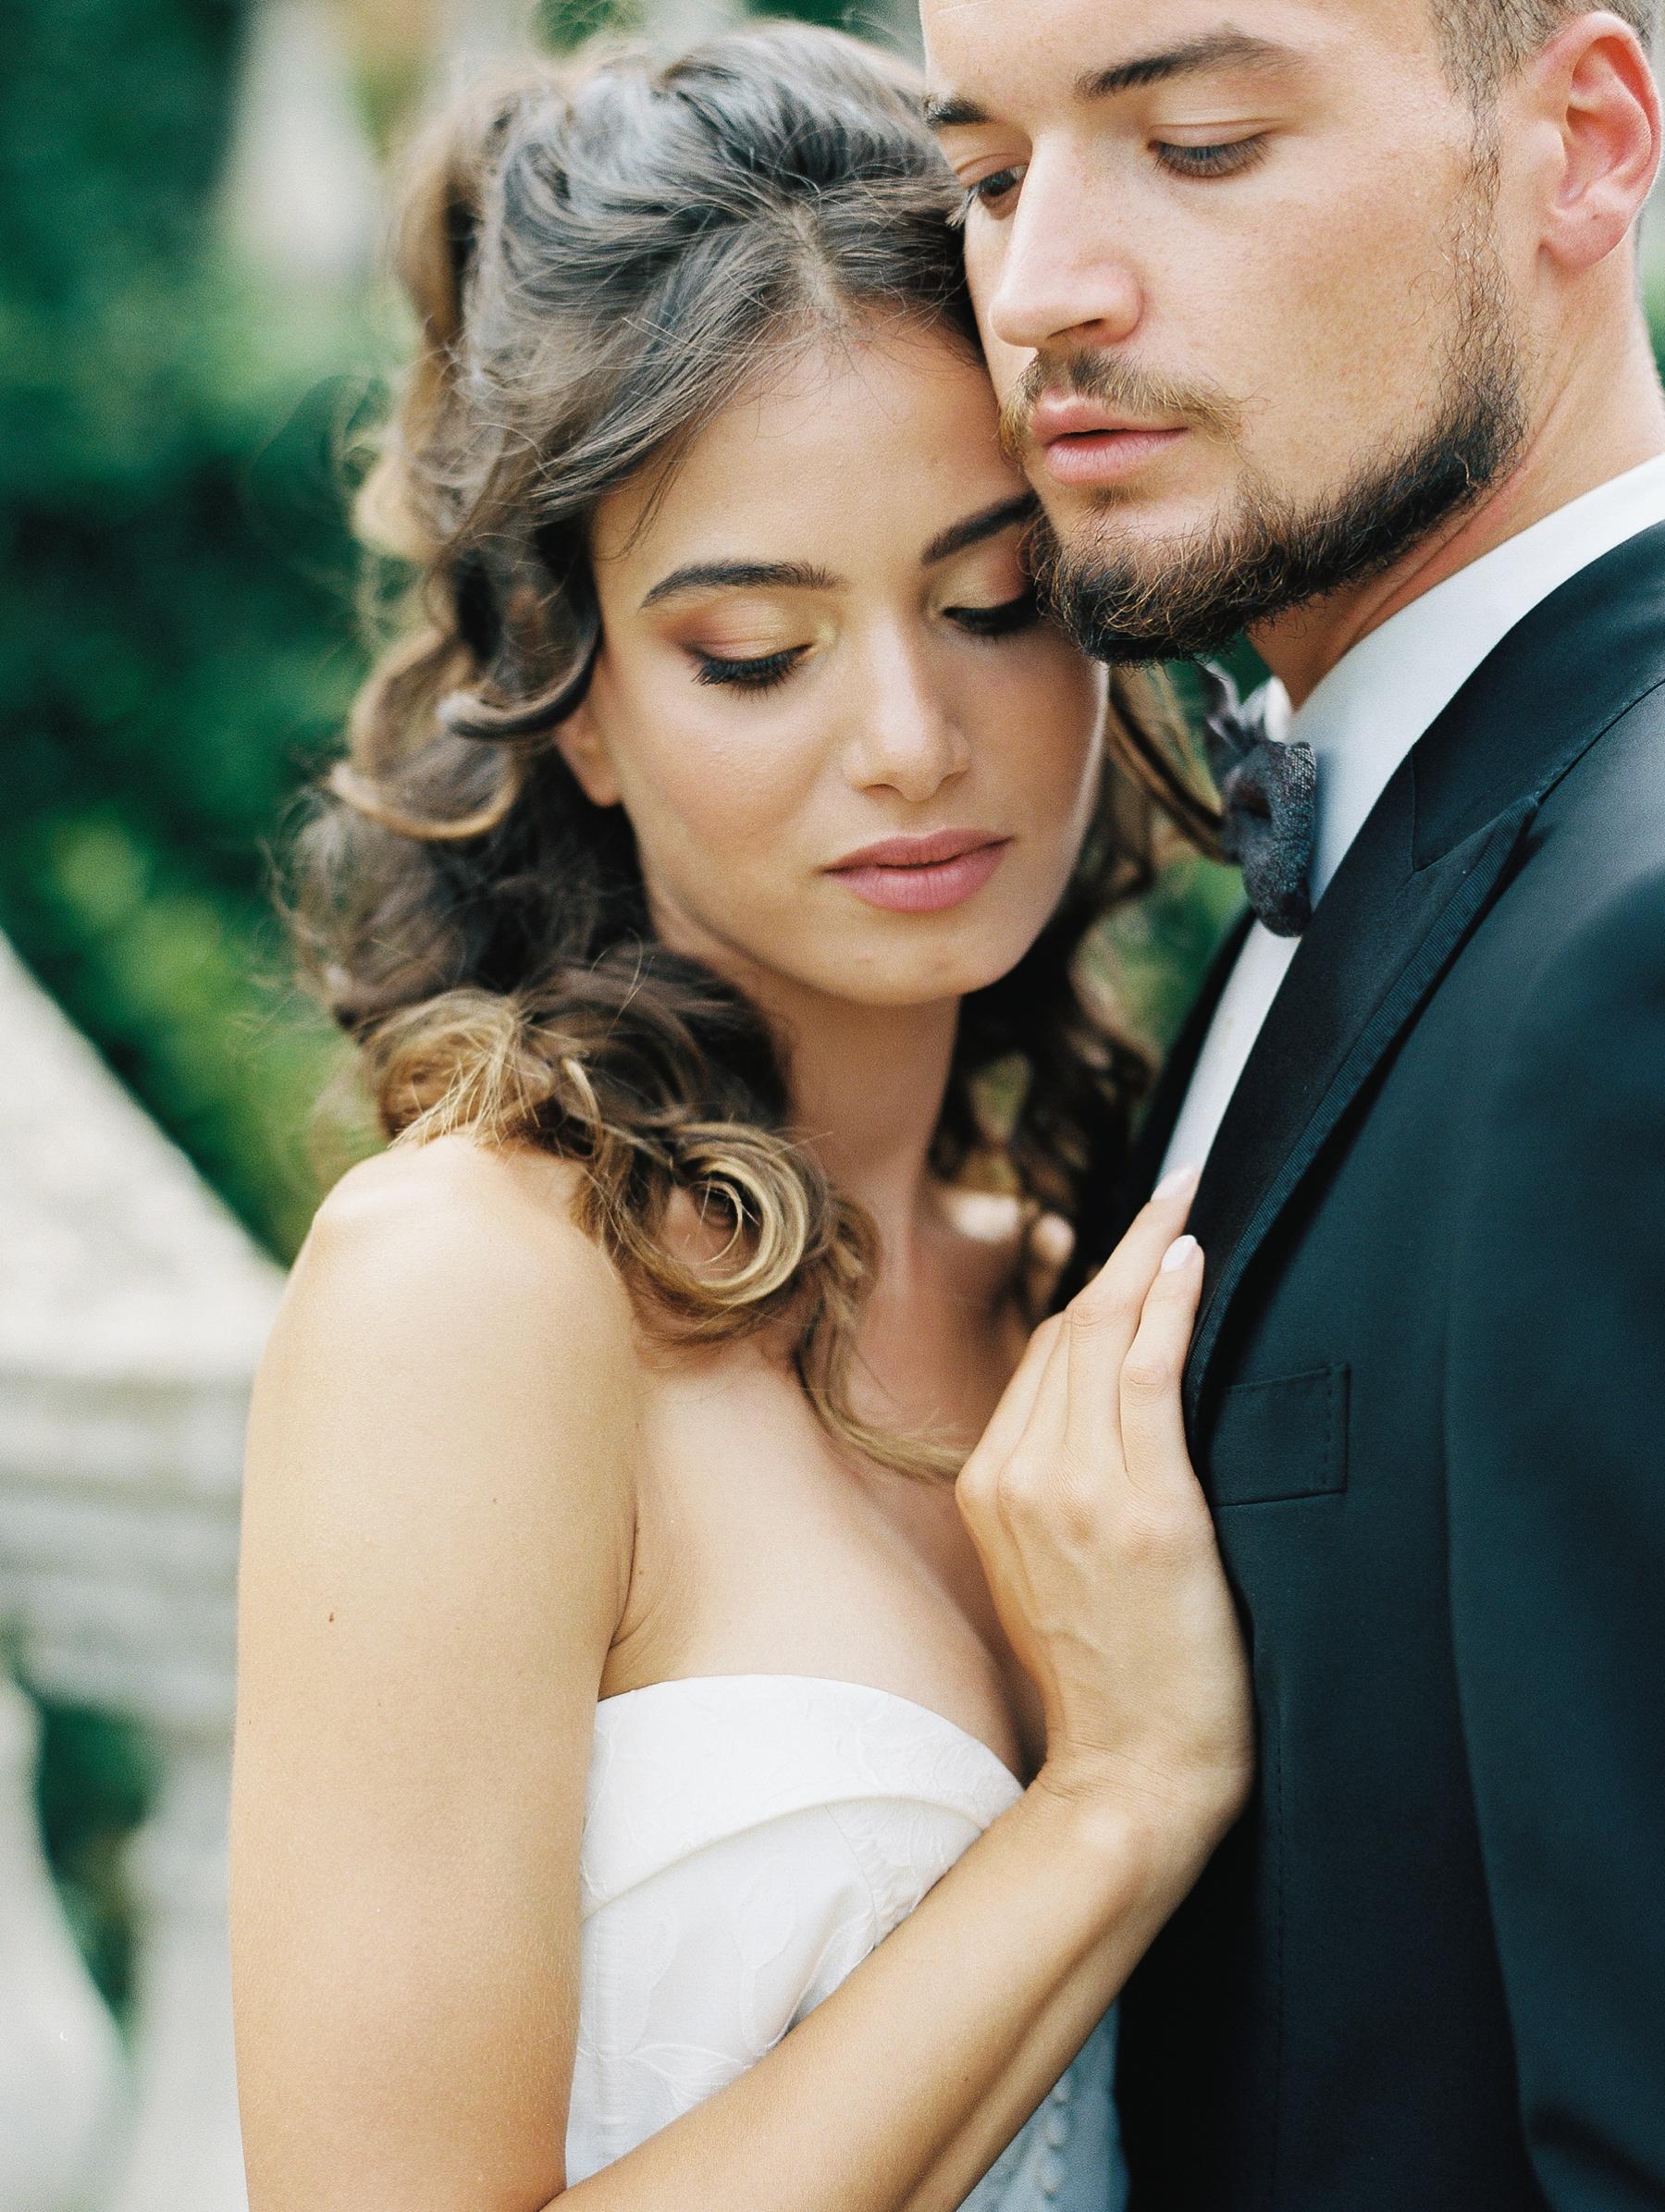 Il Borro Tuscany Italy Wedding Photographer_0860.jpg